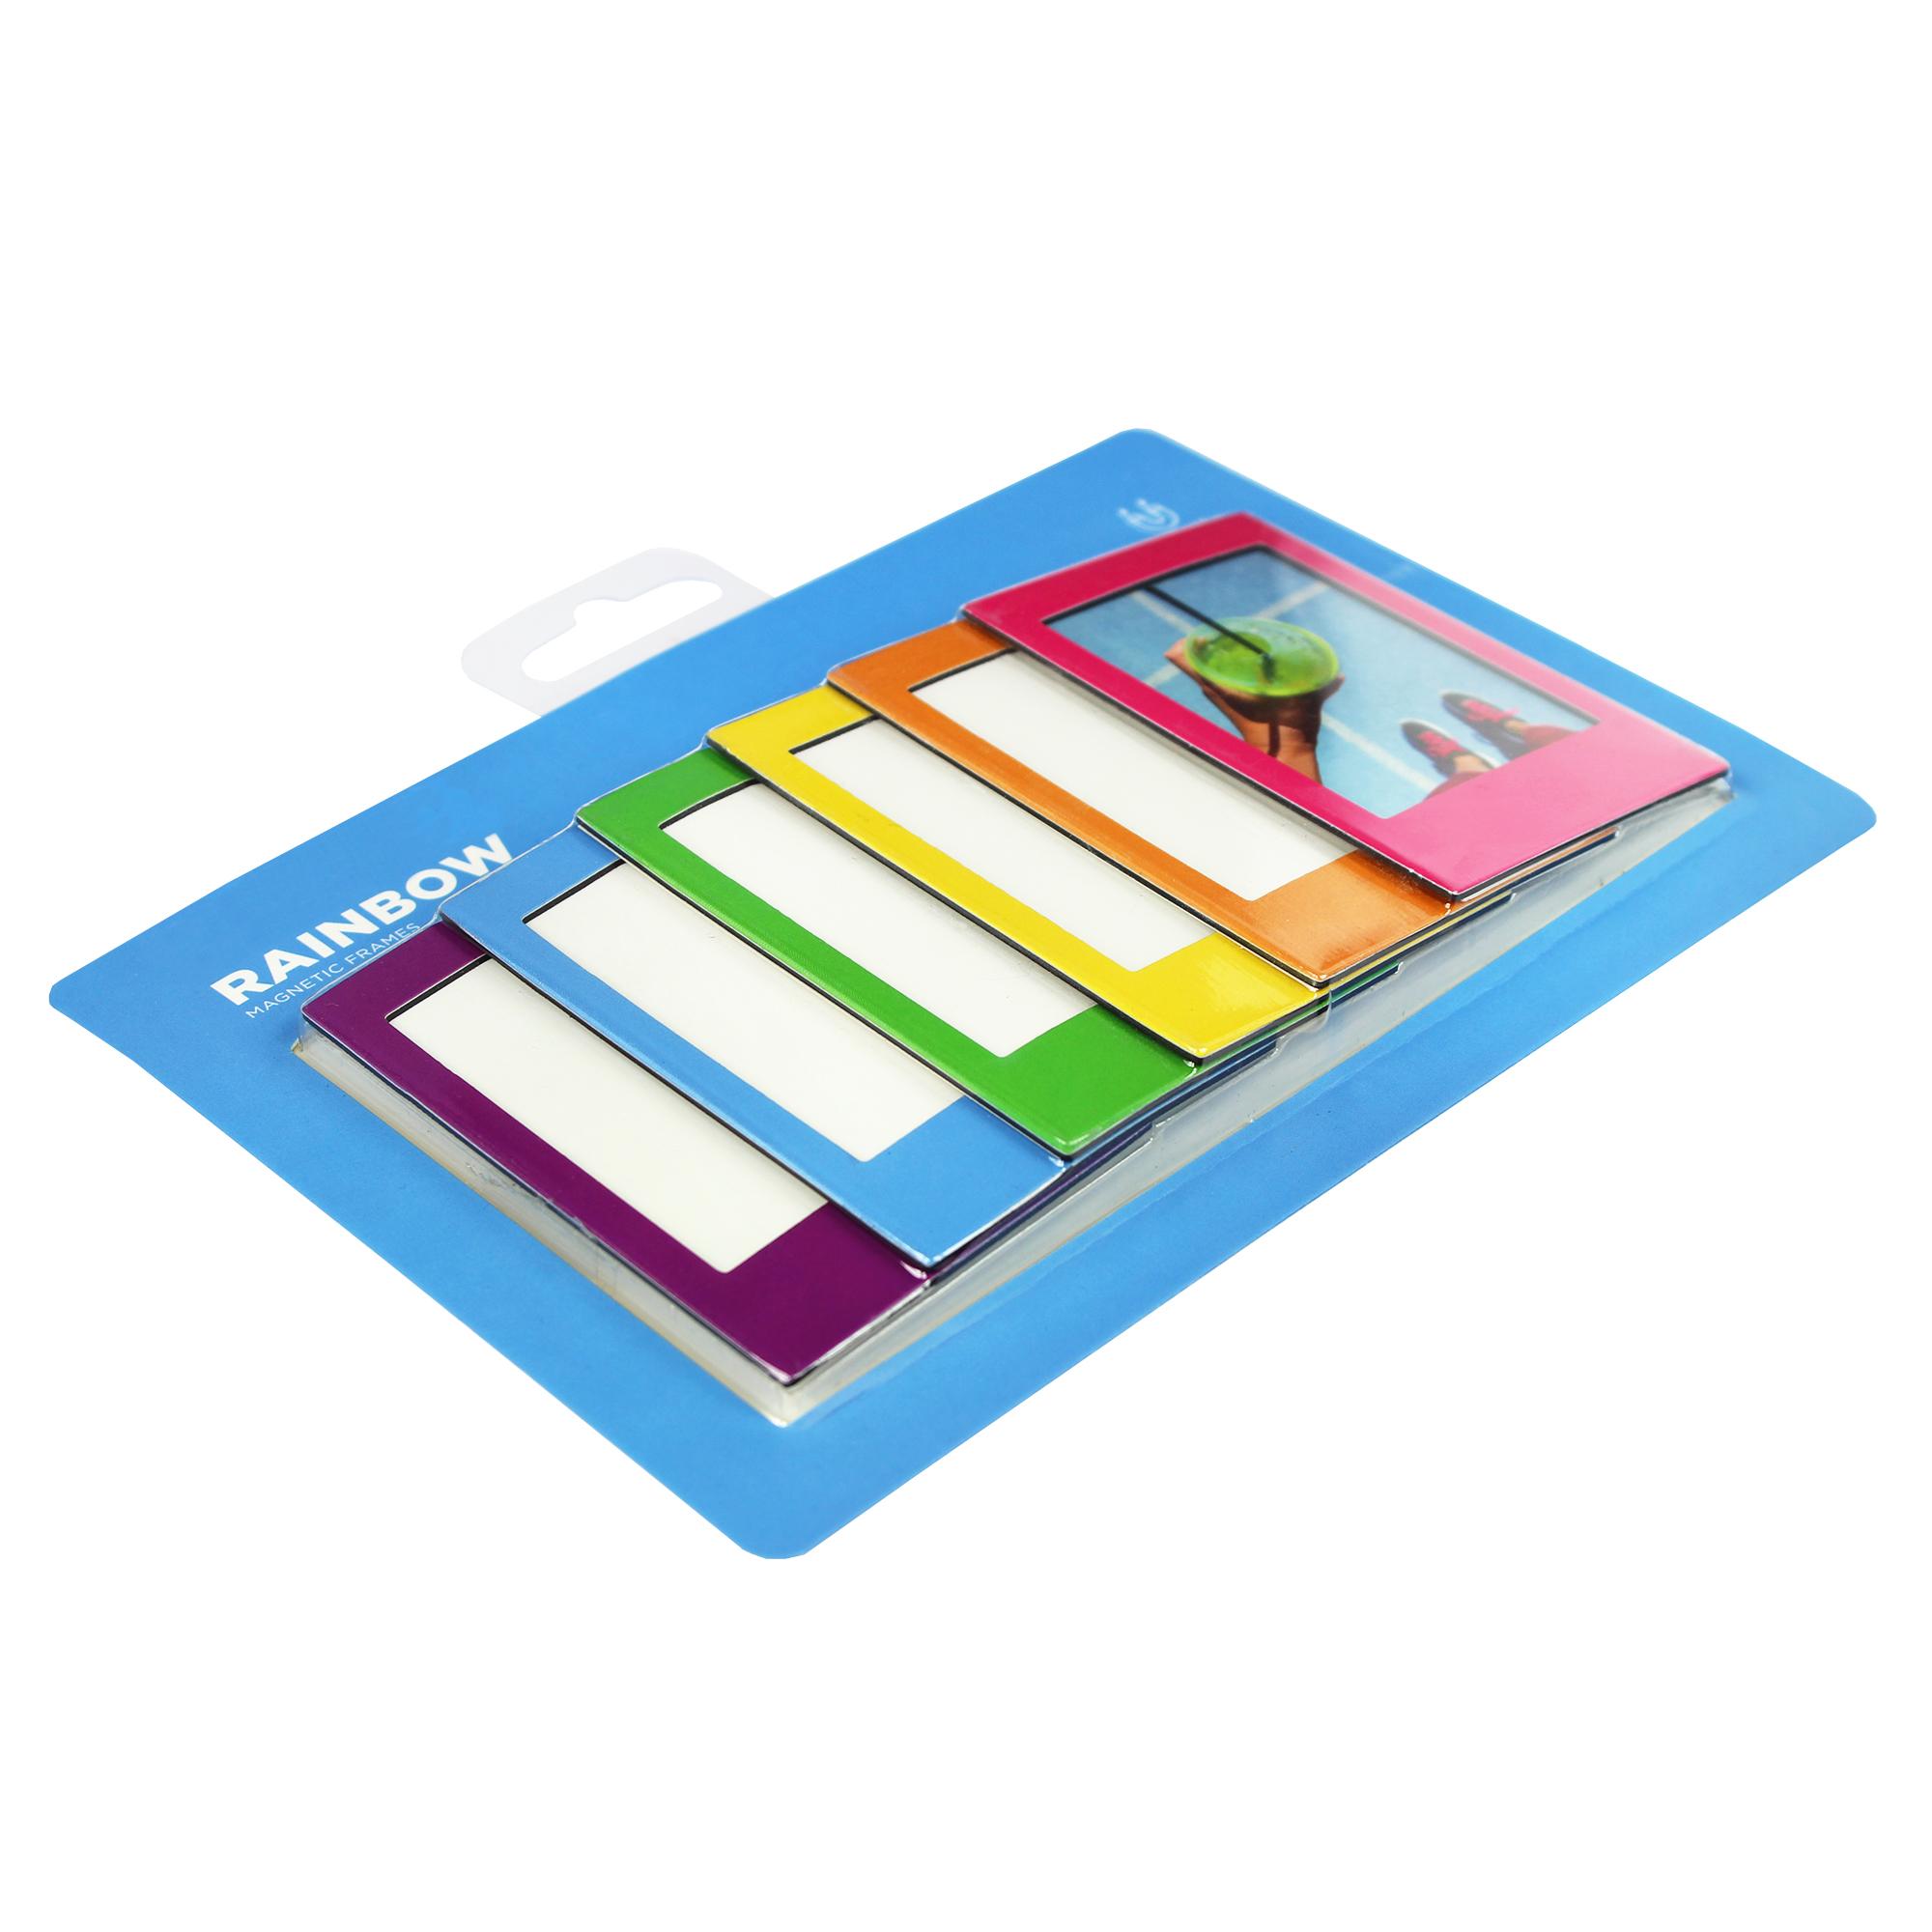 Kühlschrank Uhr Magnetisch : Magnet bilderrahmen fotomagnete set kühlschrankmagnete